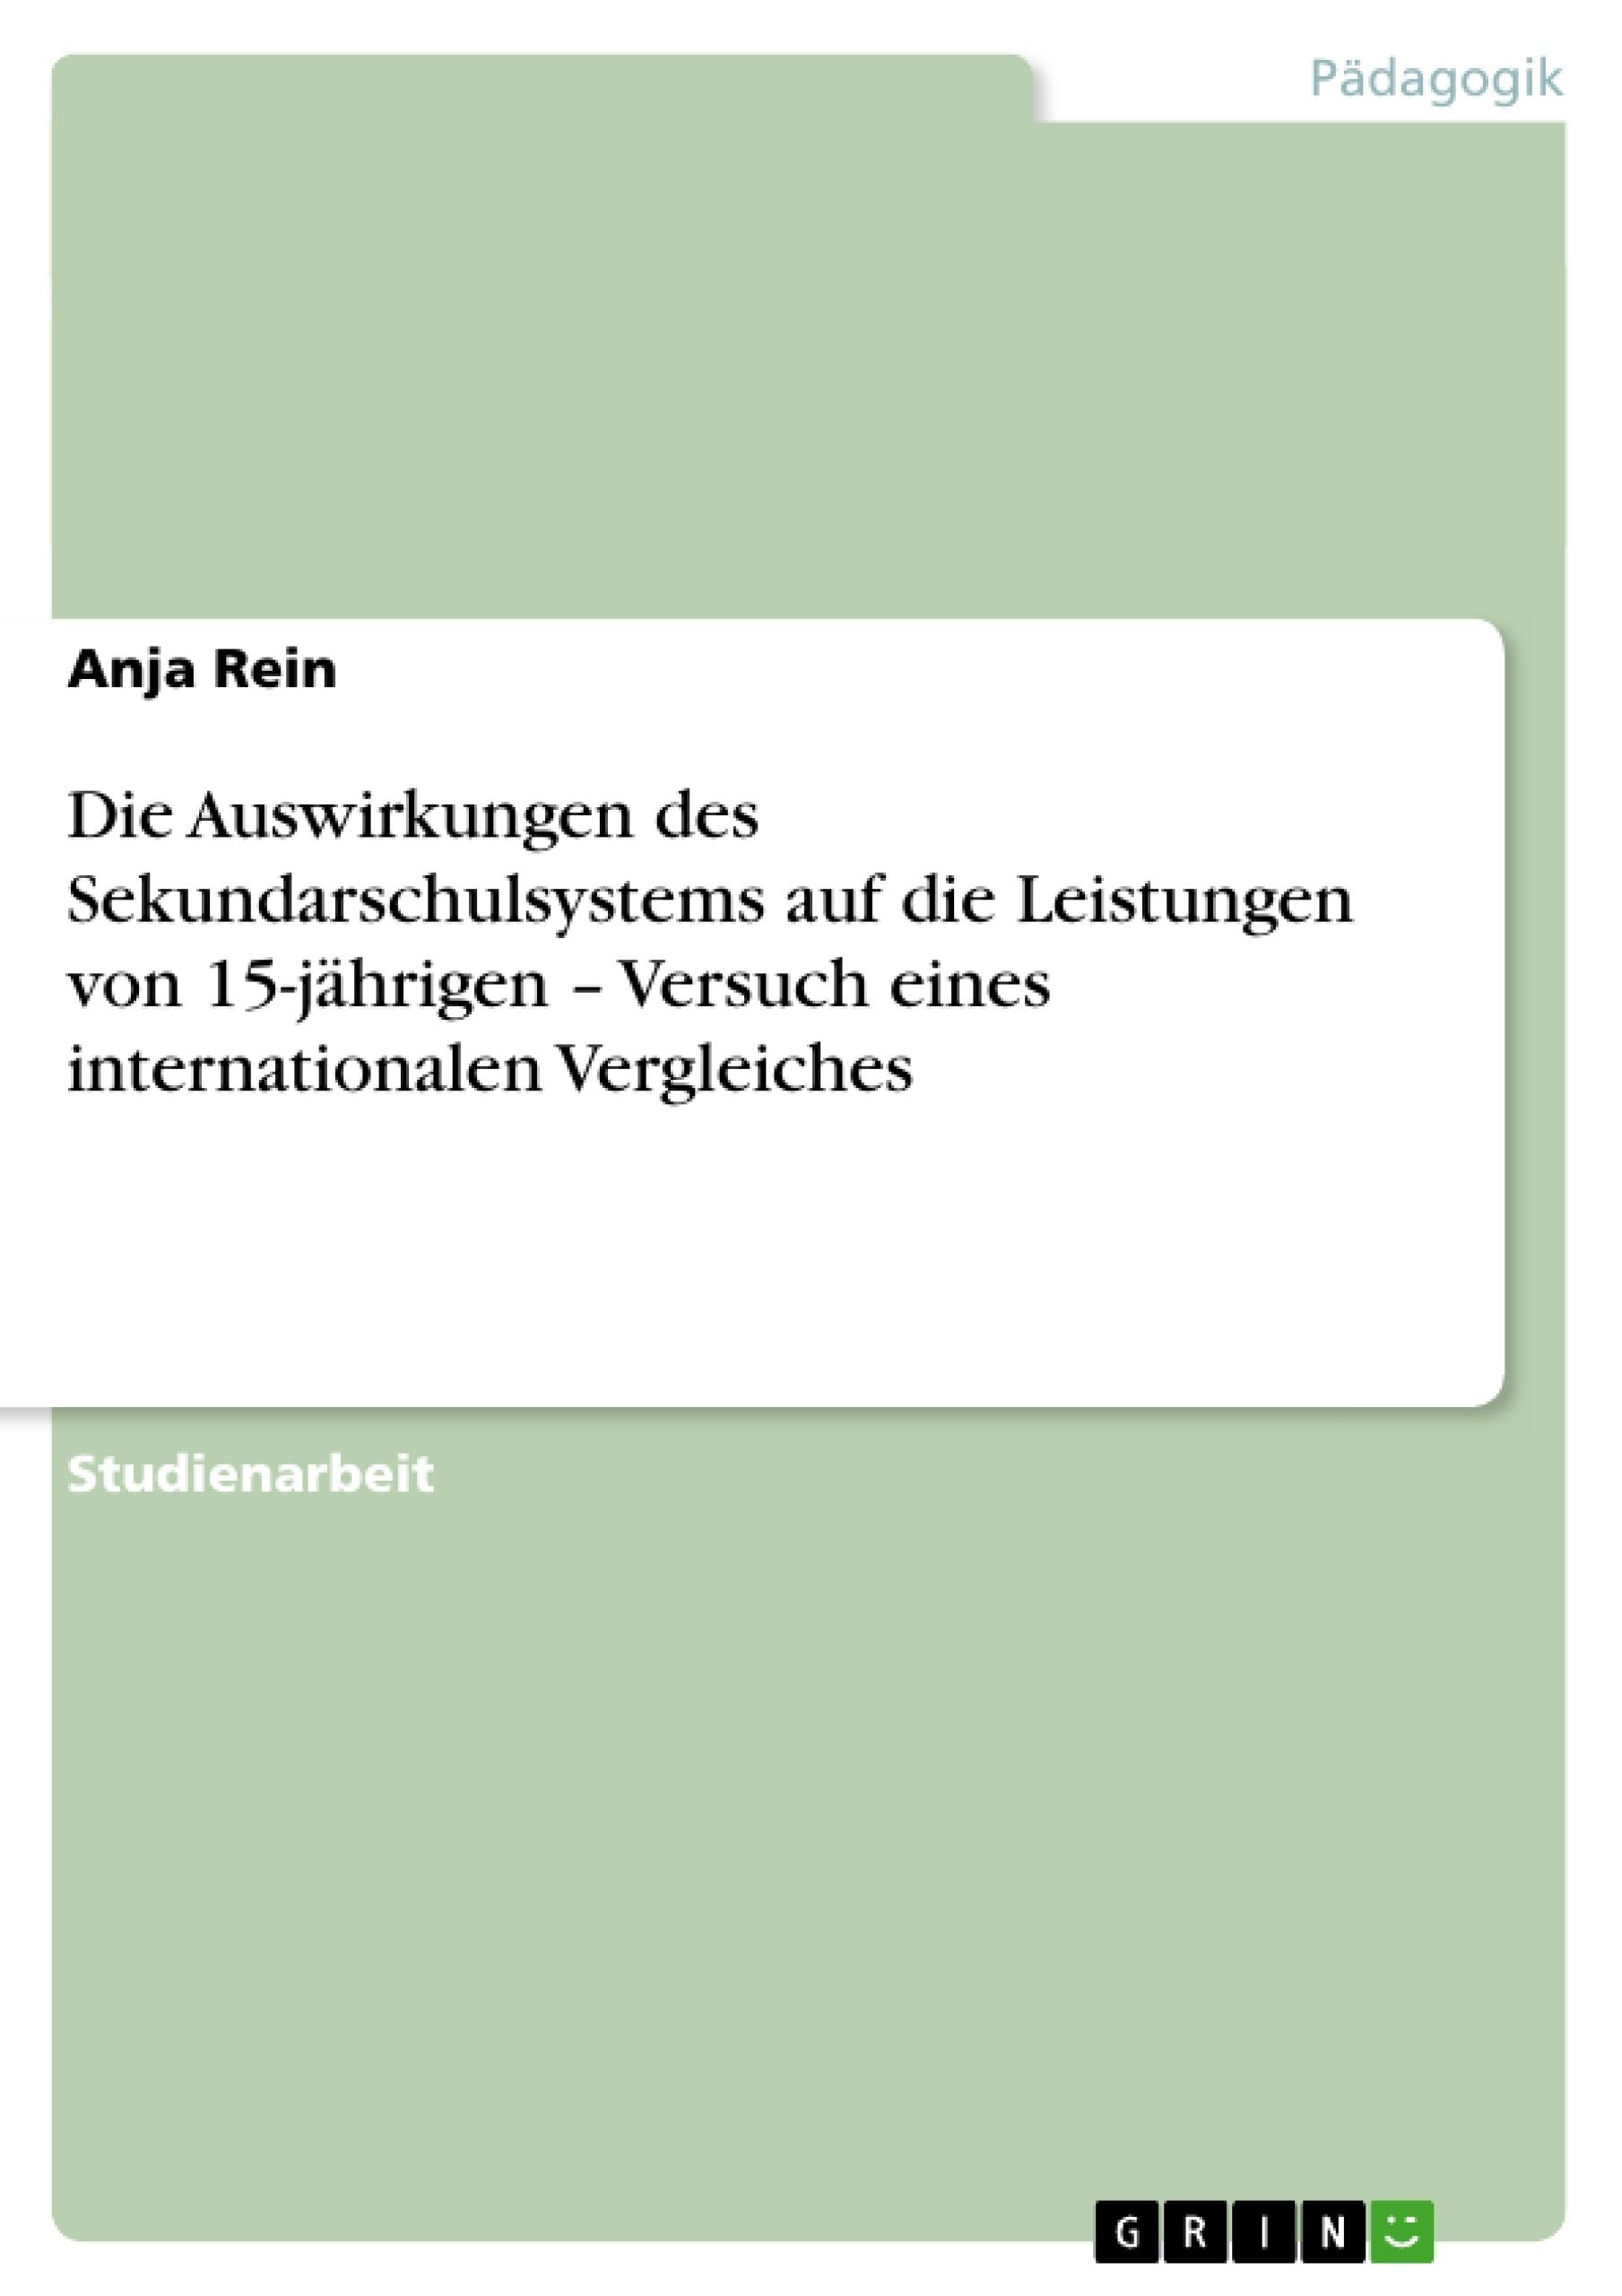 Titel: Die Auswirkungen des Sekundarschulsystems auf die Leistungen von 15-jährigen – Versuch eines internationalen Vergleiches